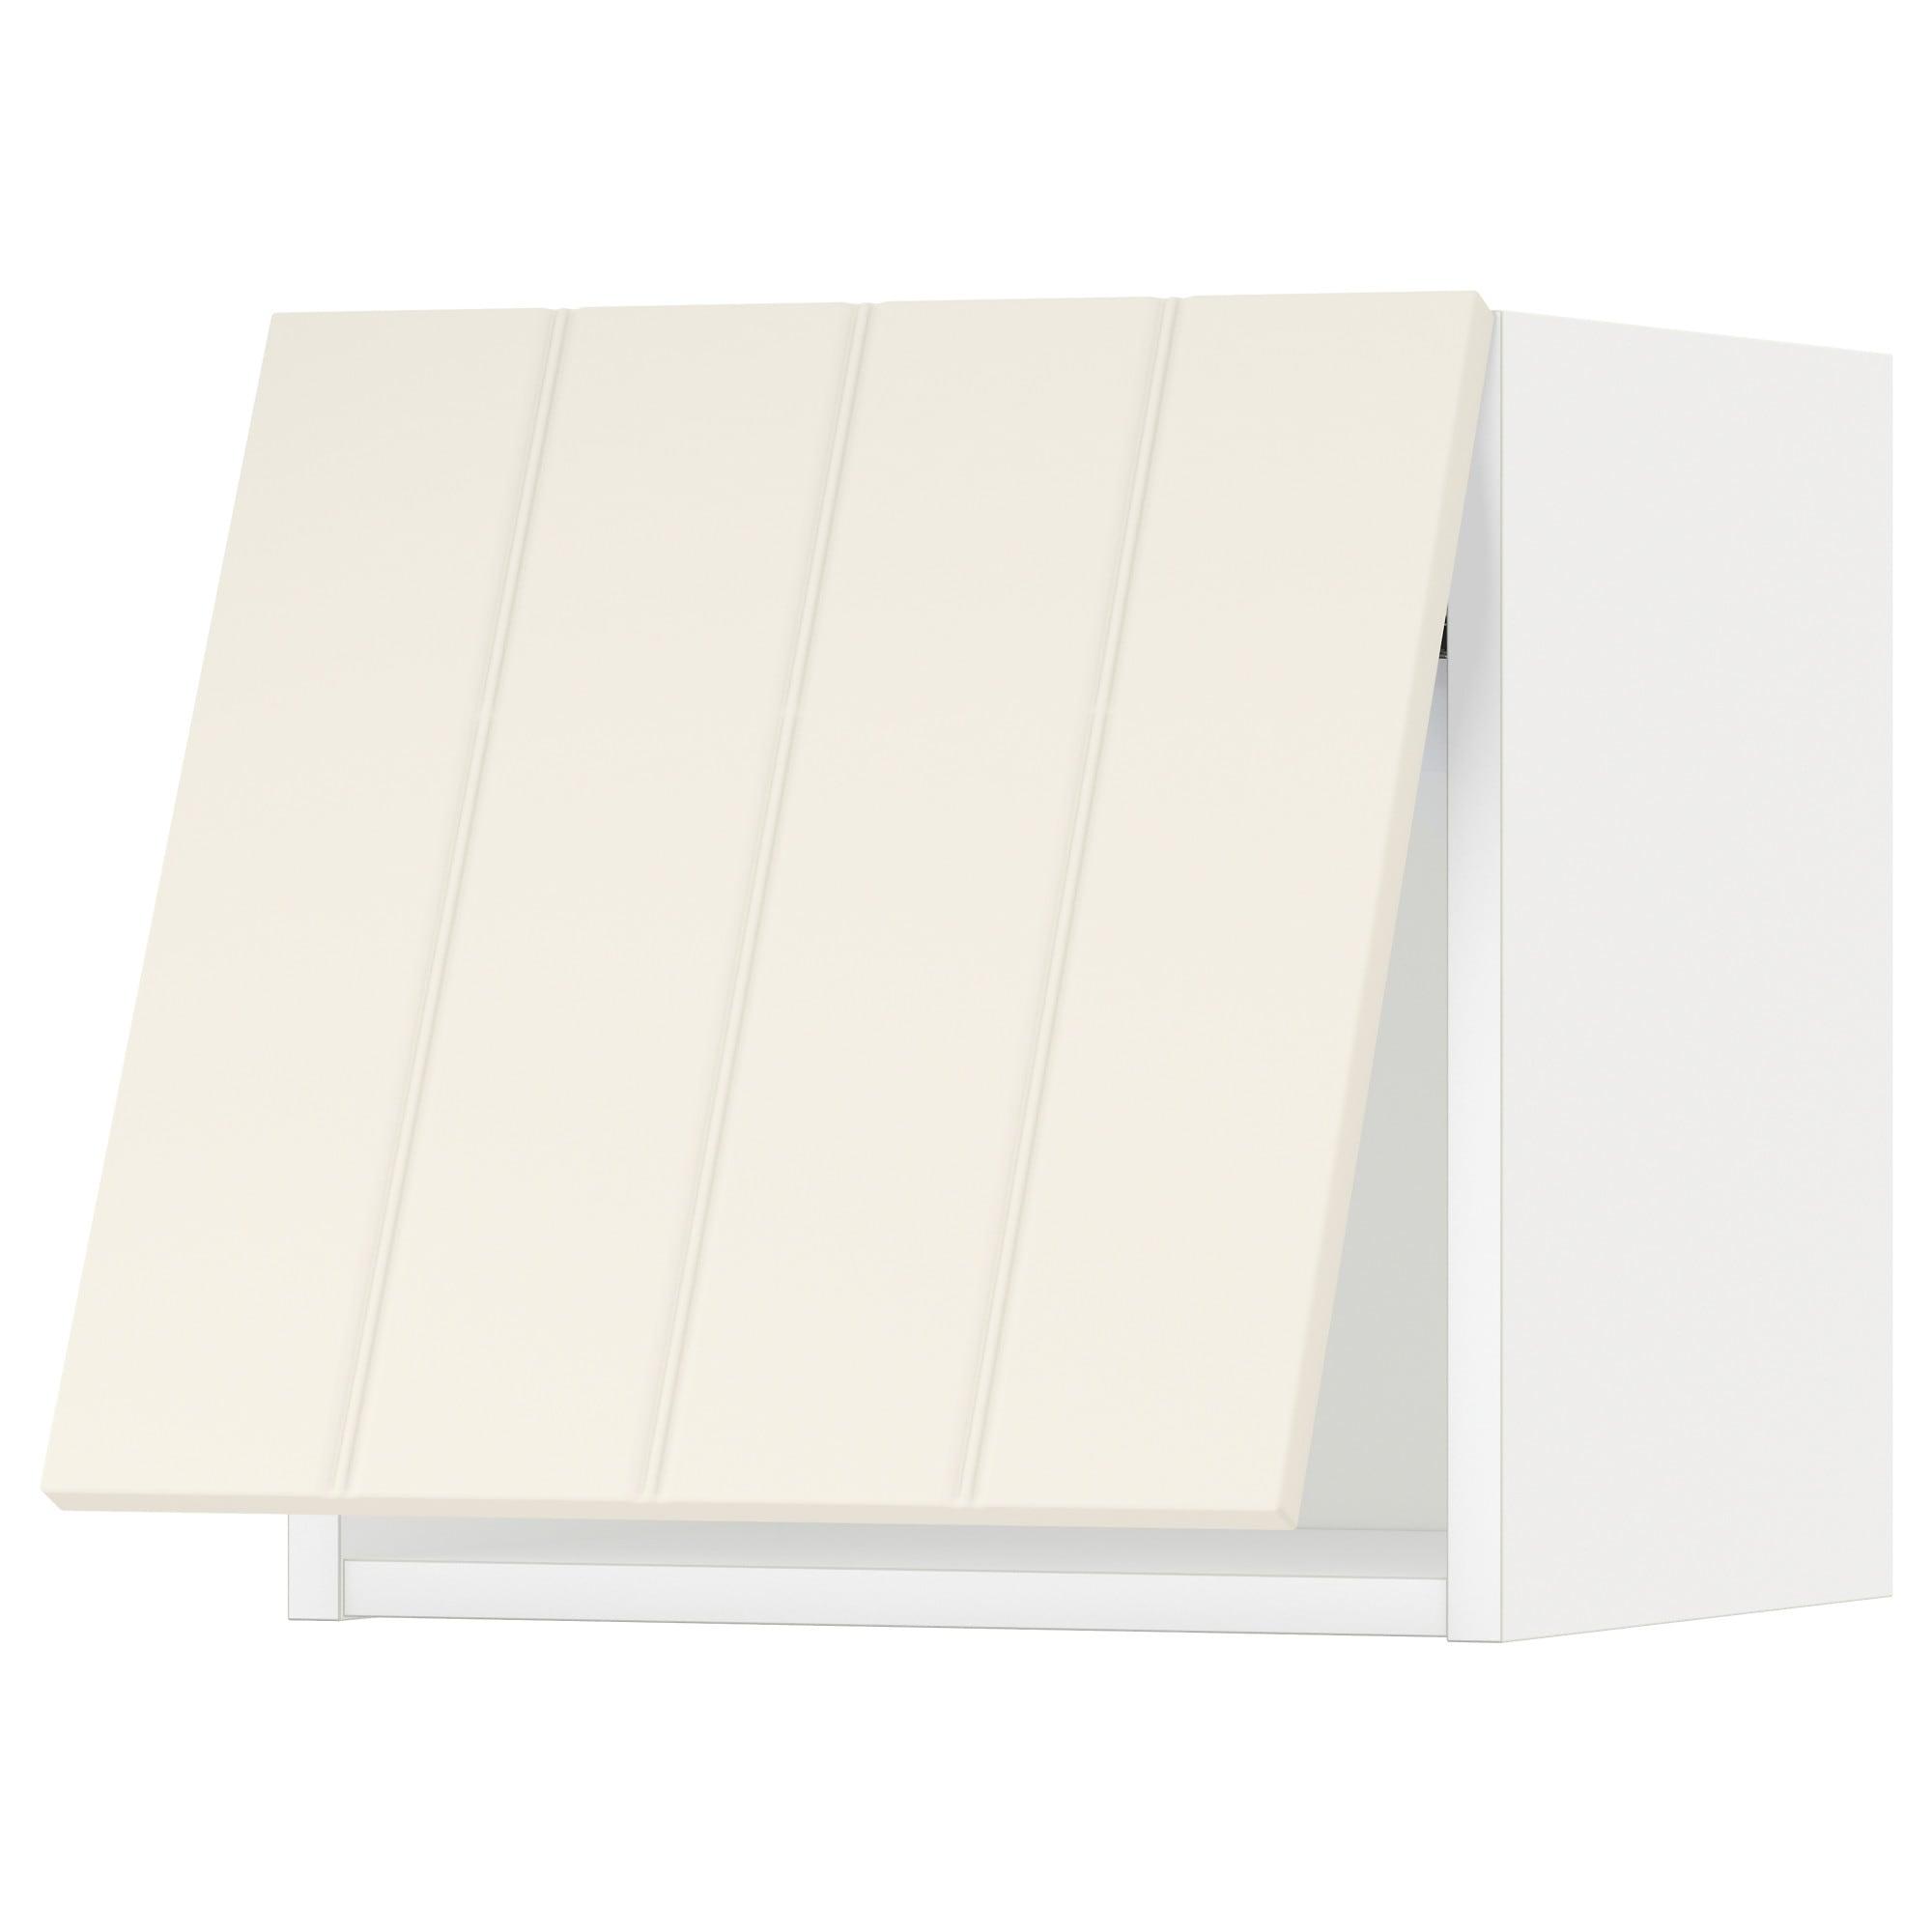 Full Size of Hängeschrank Küche Höhe Ikea Kosten Sofa Mit Schlaffunktion Bad Badezimmer Weiß Hochglanz Wohnzimmer Glastüren Kaufen Betten Bei Miniküche Modulküche Wohnzimmer Hängeschrank Ikea